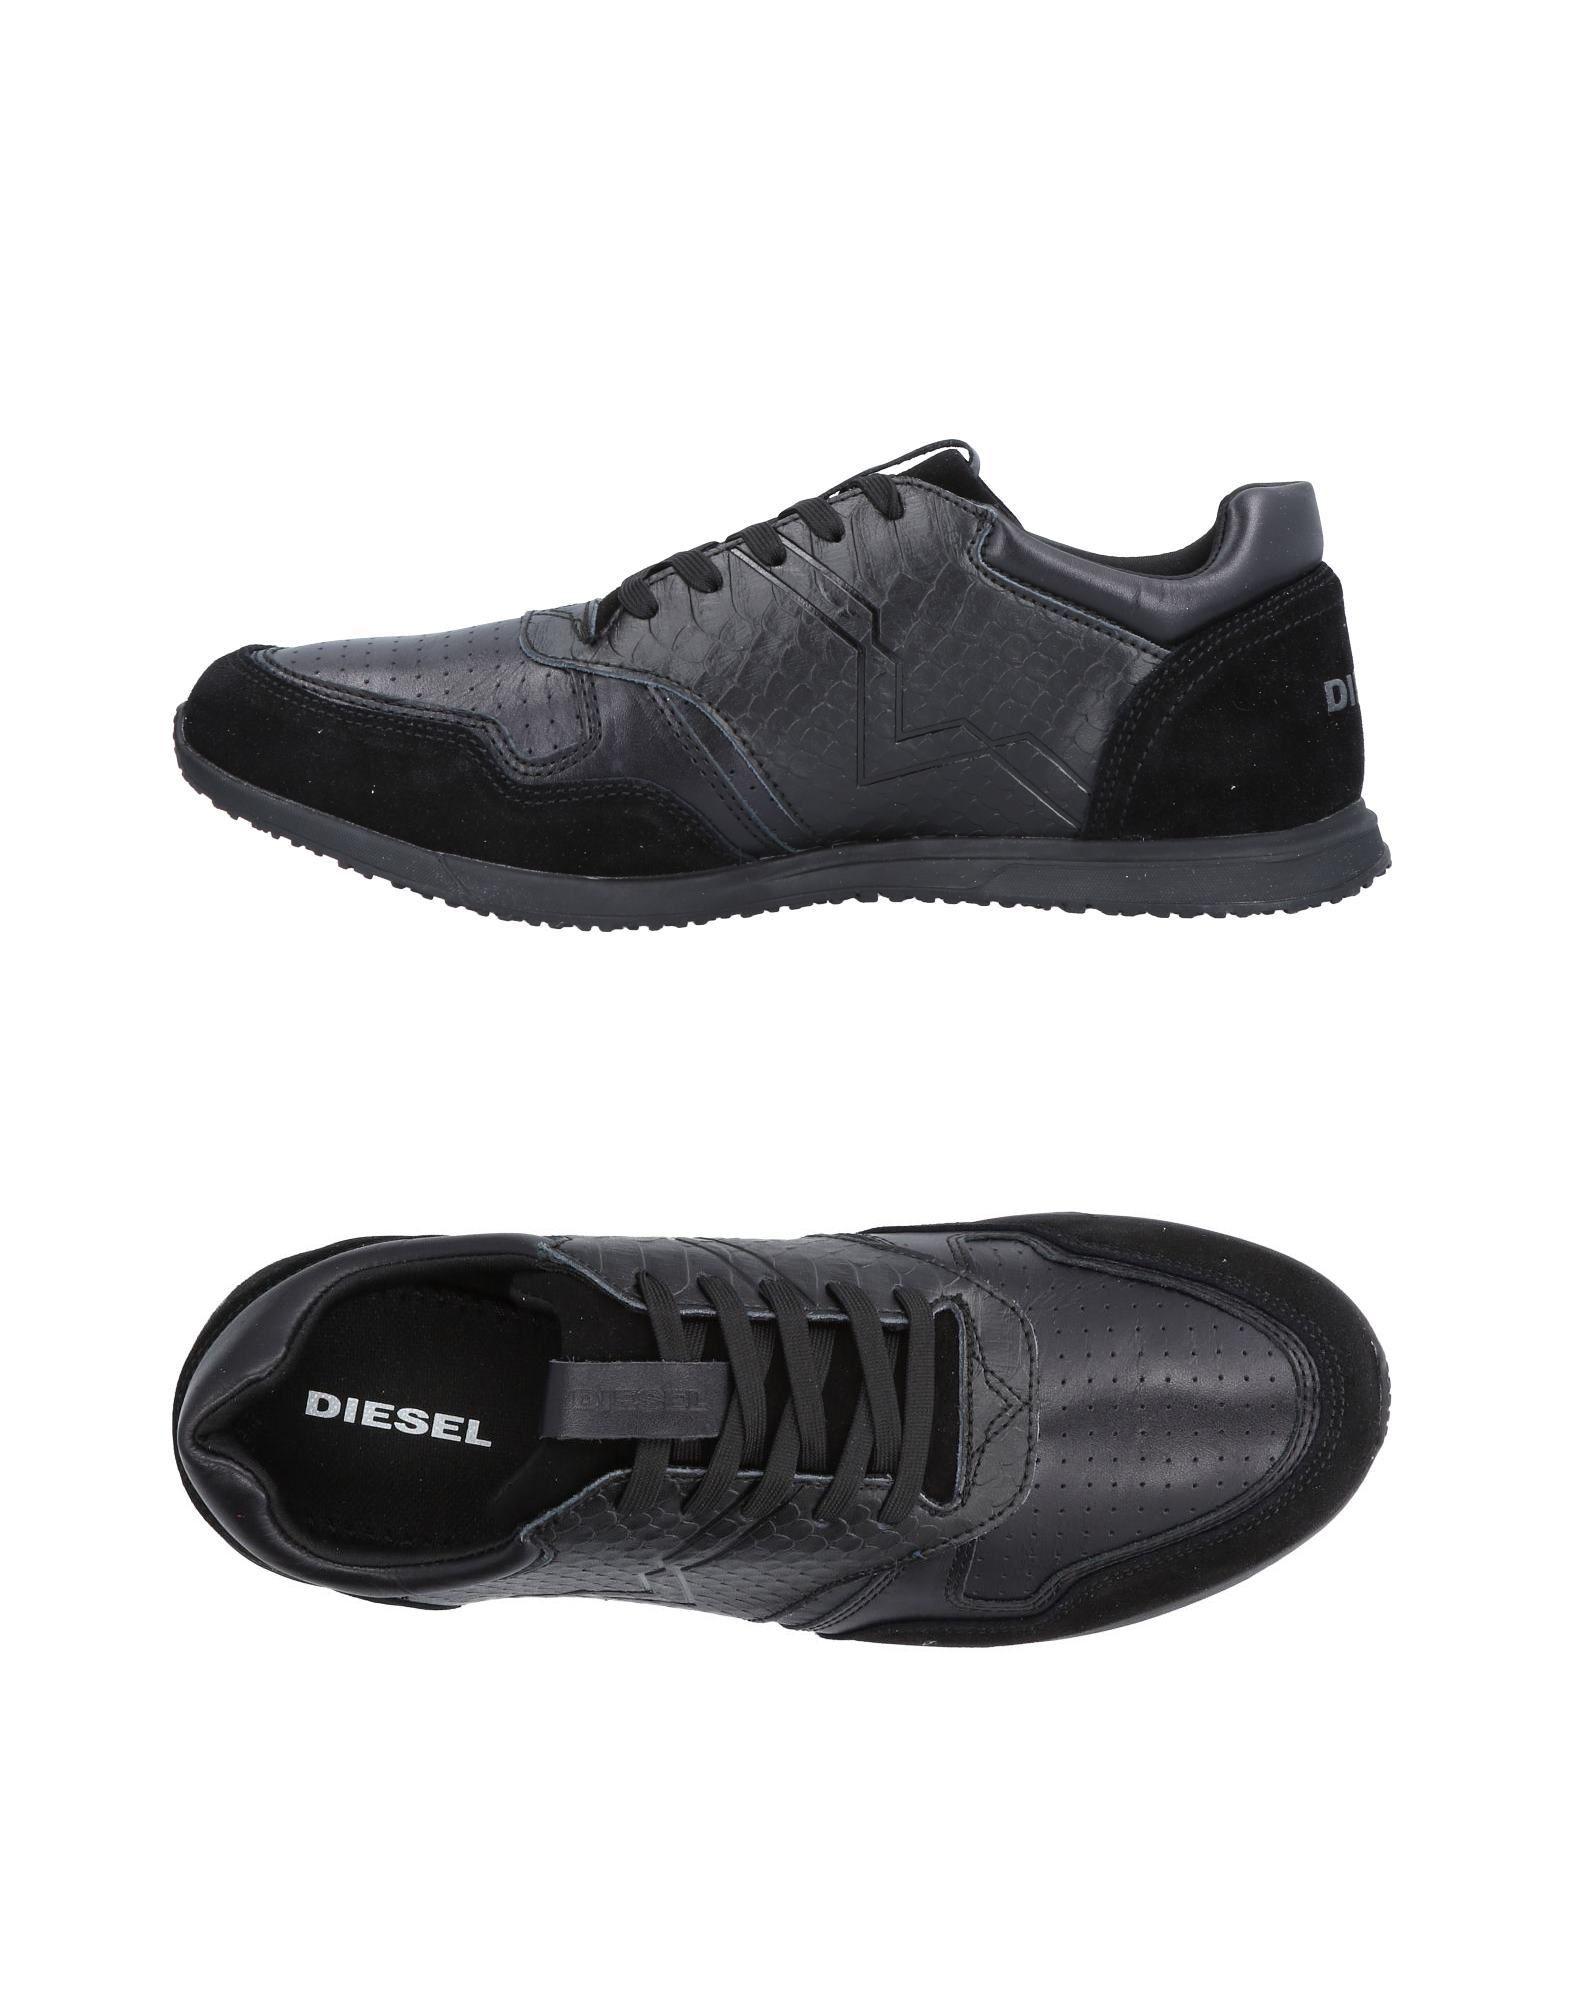 Moda Sneakers Diesel Uomo - 11496804NS